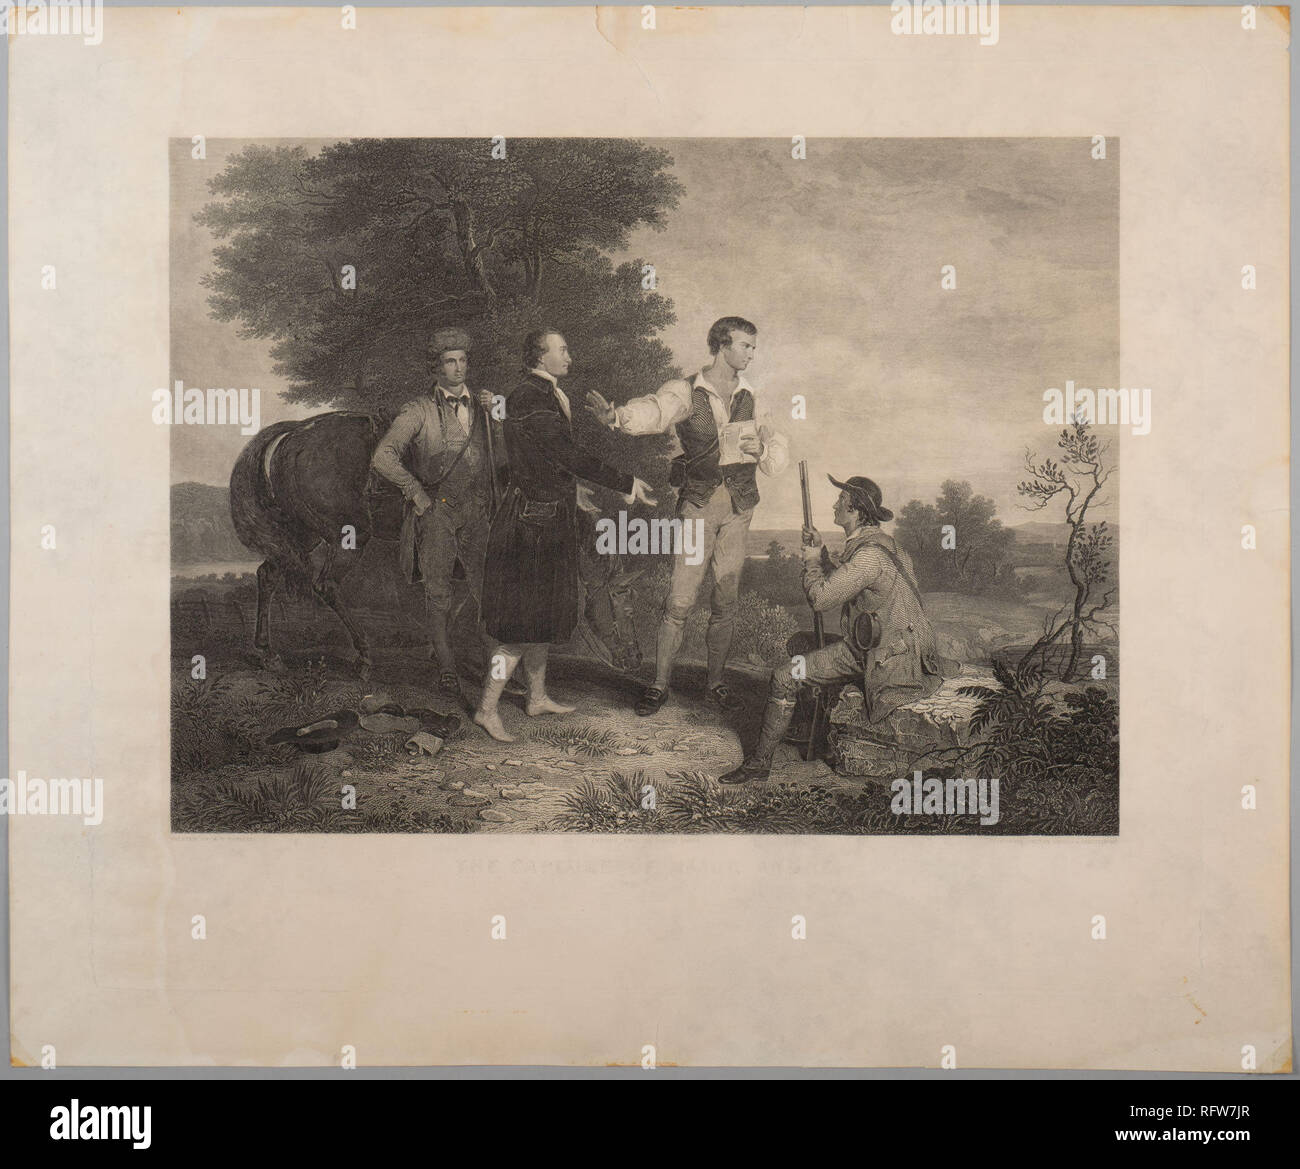 Sc 173 Sekundäre Objekt Nr Rp 440 Historische Szene Mit Der